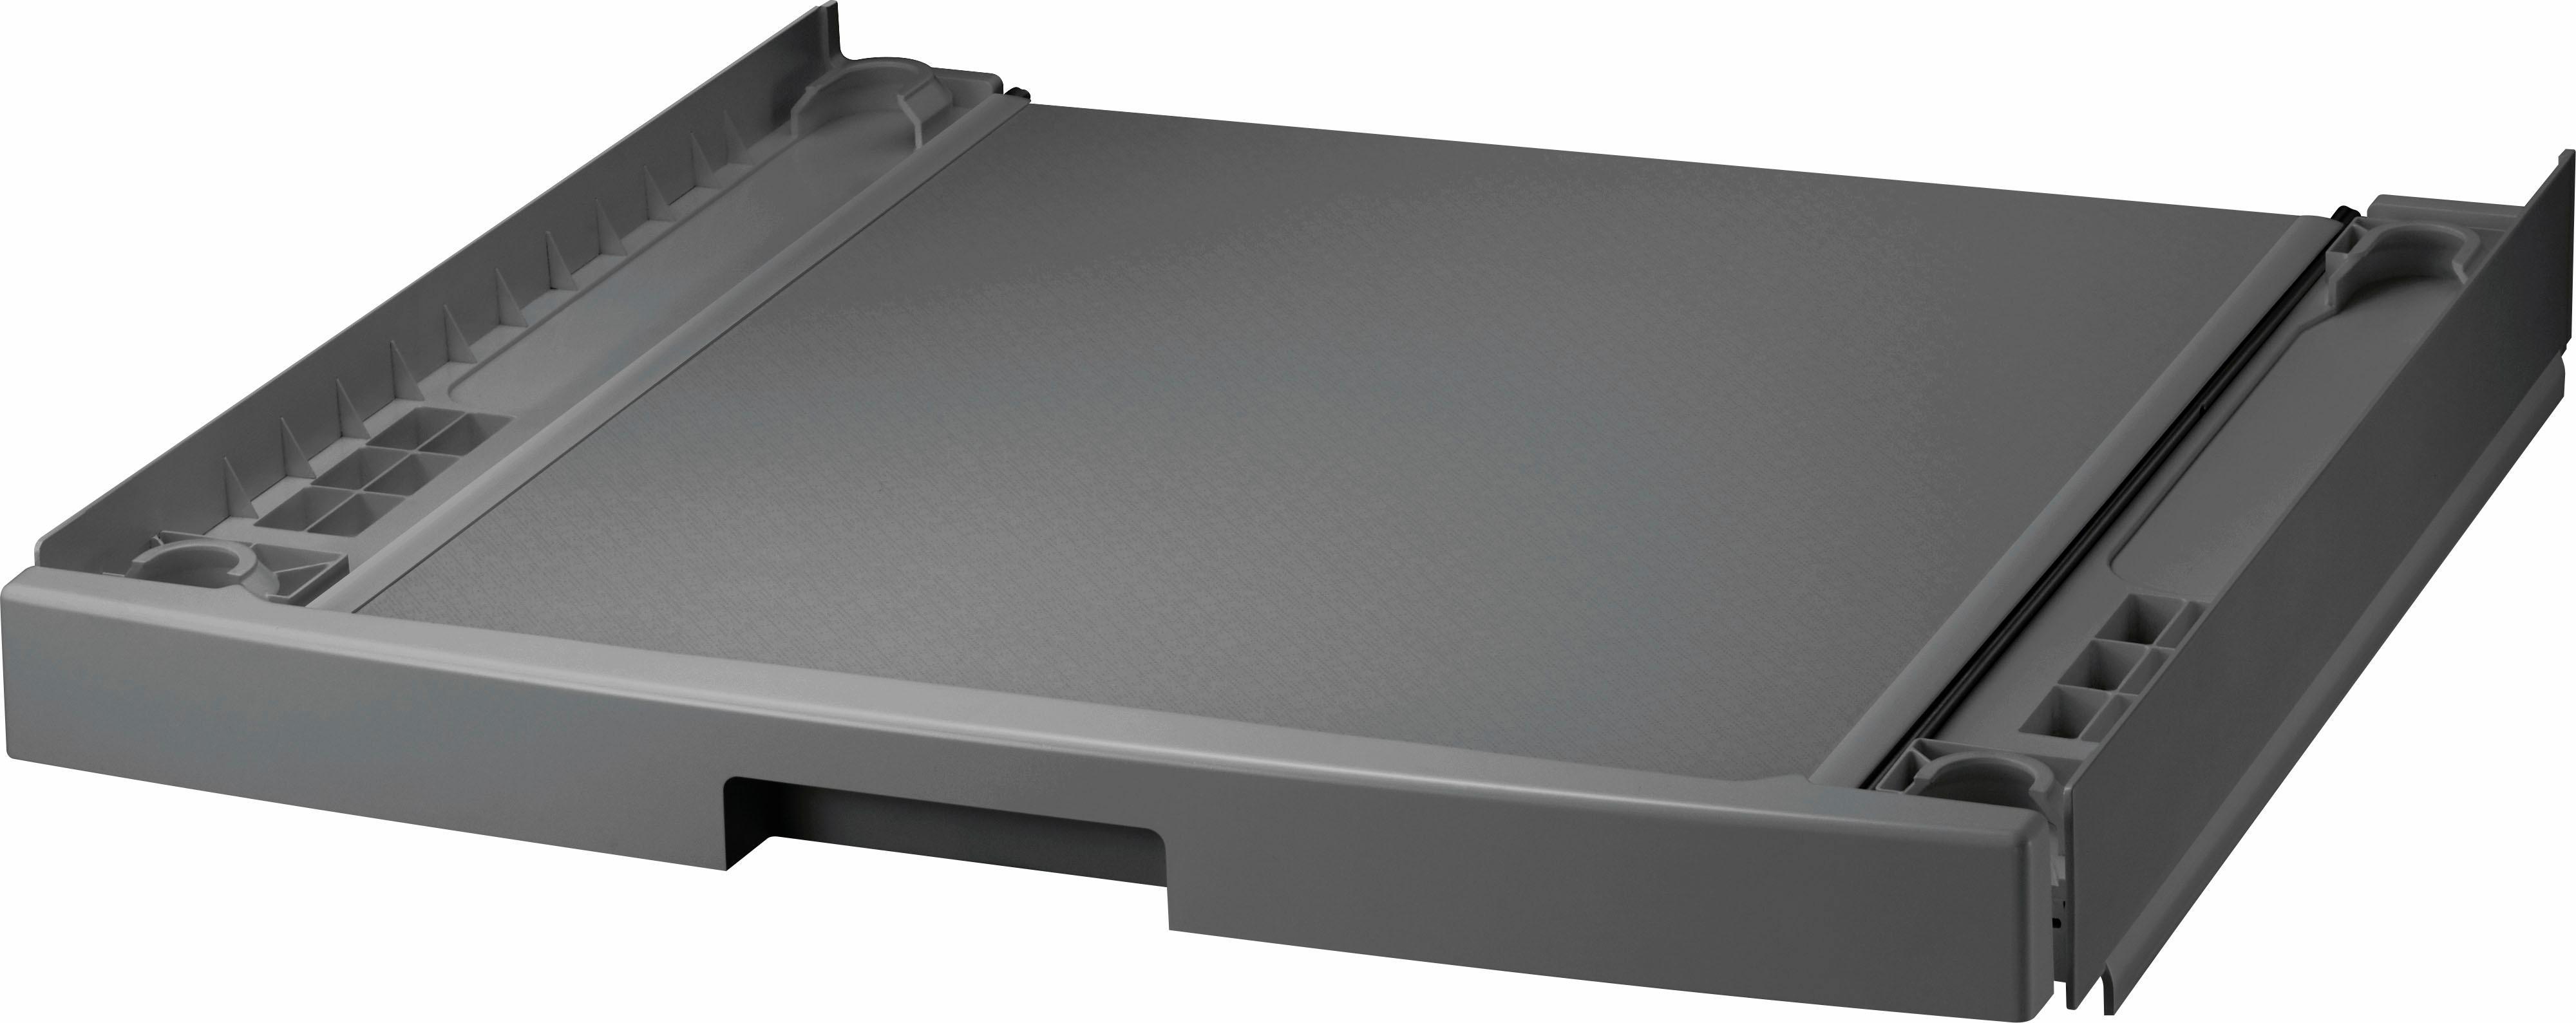 Samsung Zwischenbaurahmen SKK-DD (1-tlg) Technik & Freizeit/Elektrogeräte/Haushaltsgeräte/Dunstabzugshauben/Zubehör für Dunstabzugshauben